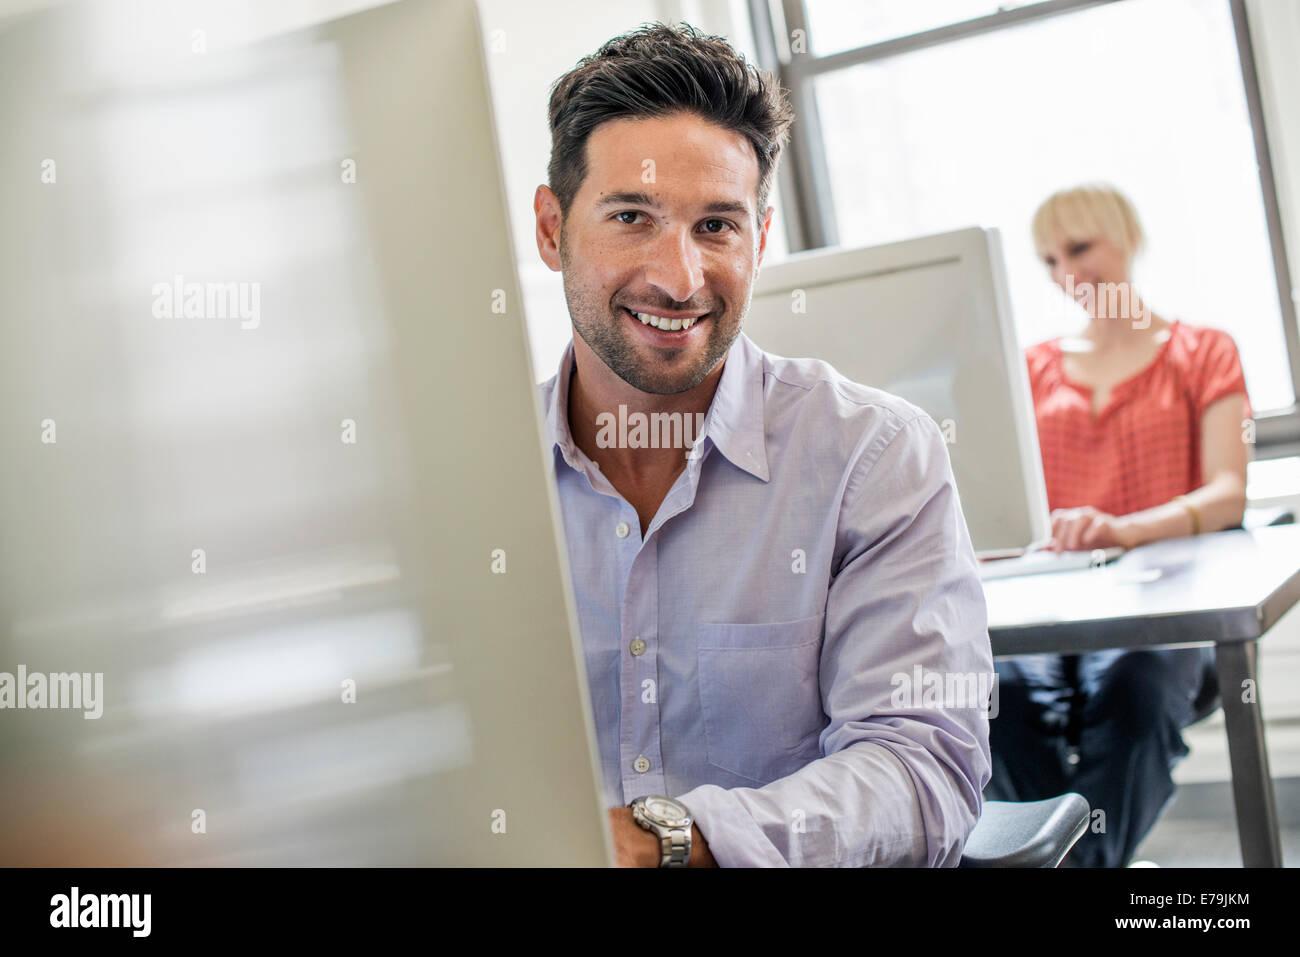 Vita in ufficio. Due persone seduto alla scrivania con computer. Immagini Stock